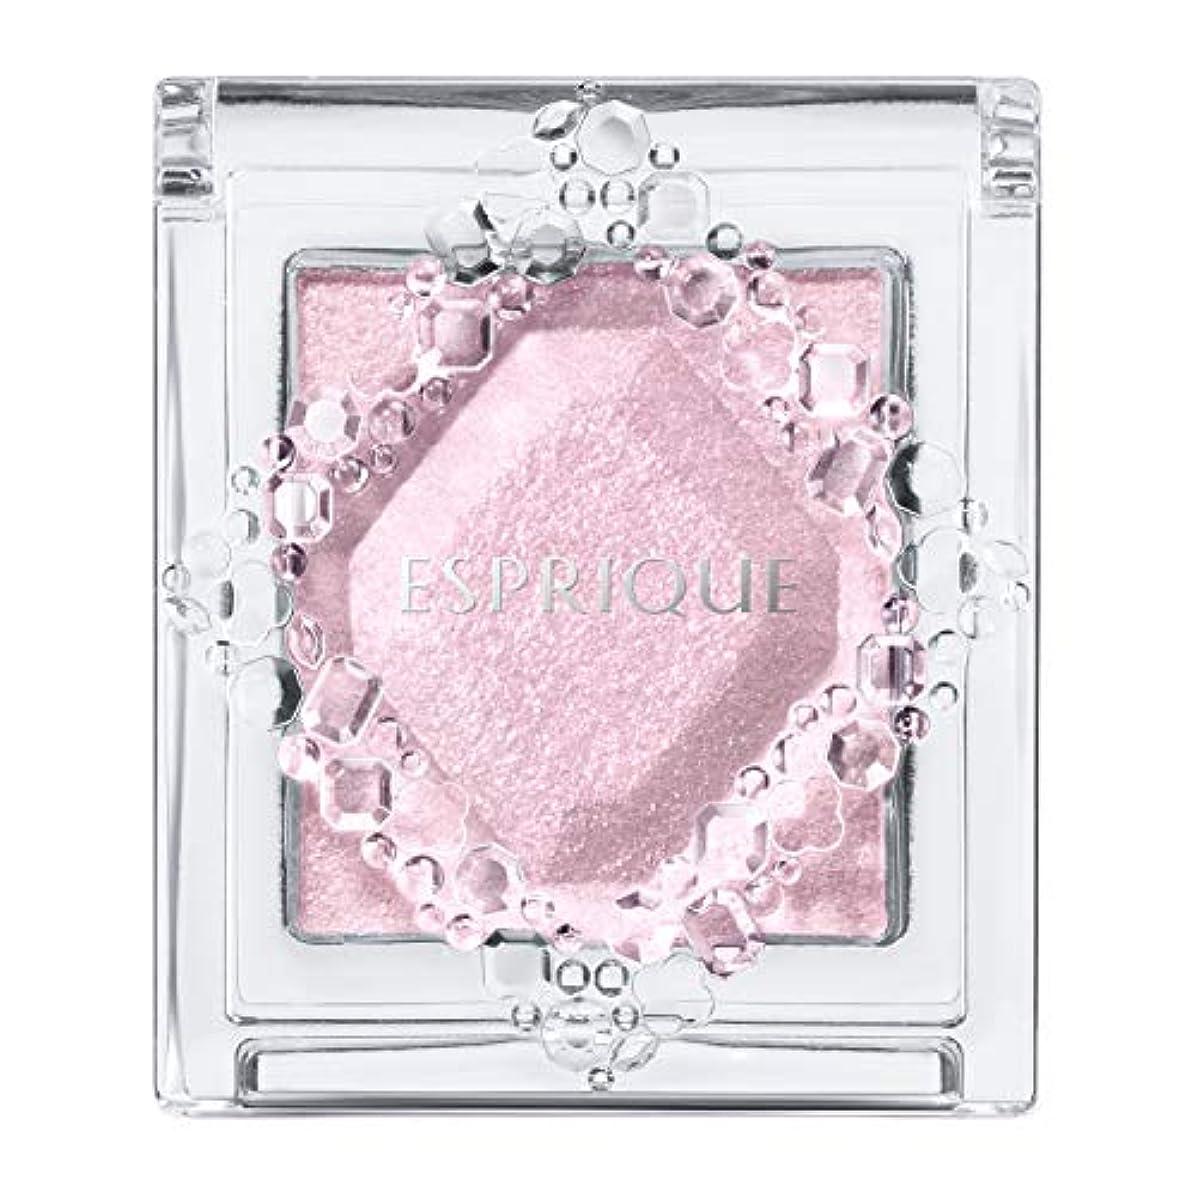 風味操る体現するエスプリーク セレクト アイカラー PK807 ピンク系 1.5g